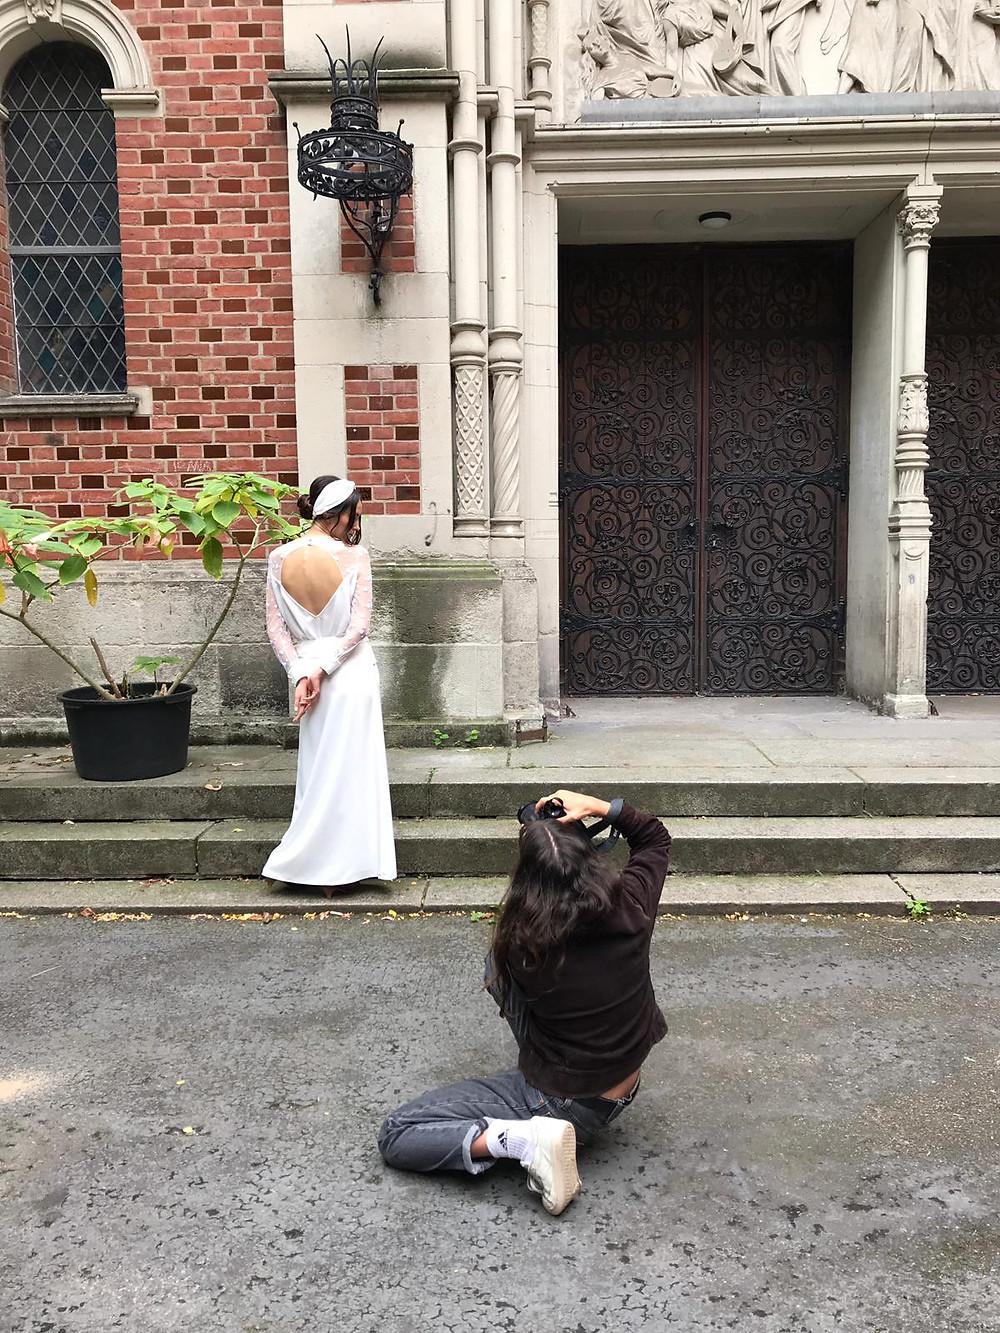 Shooting at church